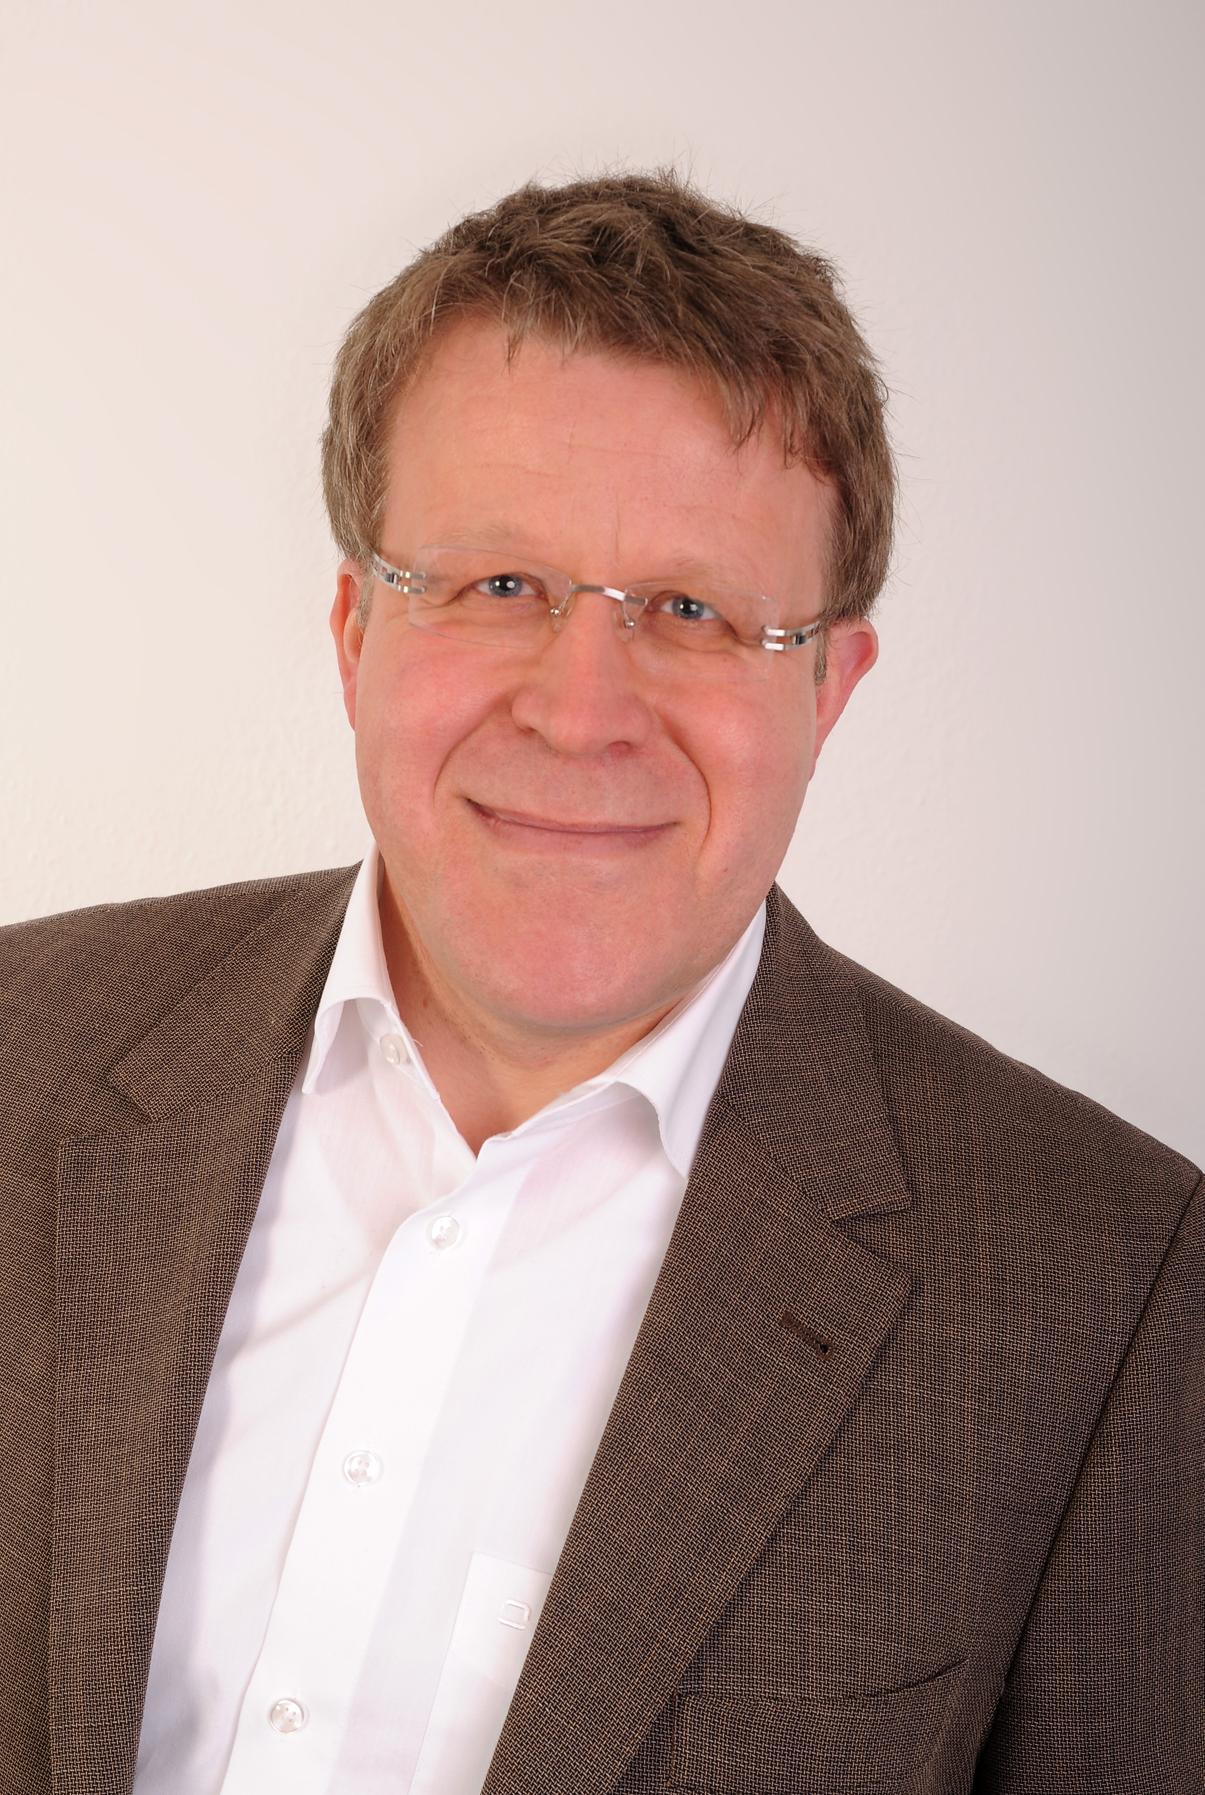 Wolfgang Faulbaum-Decke